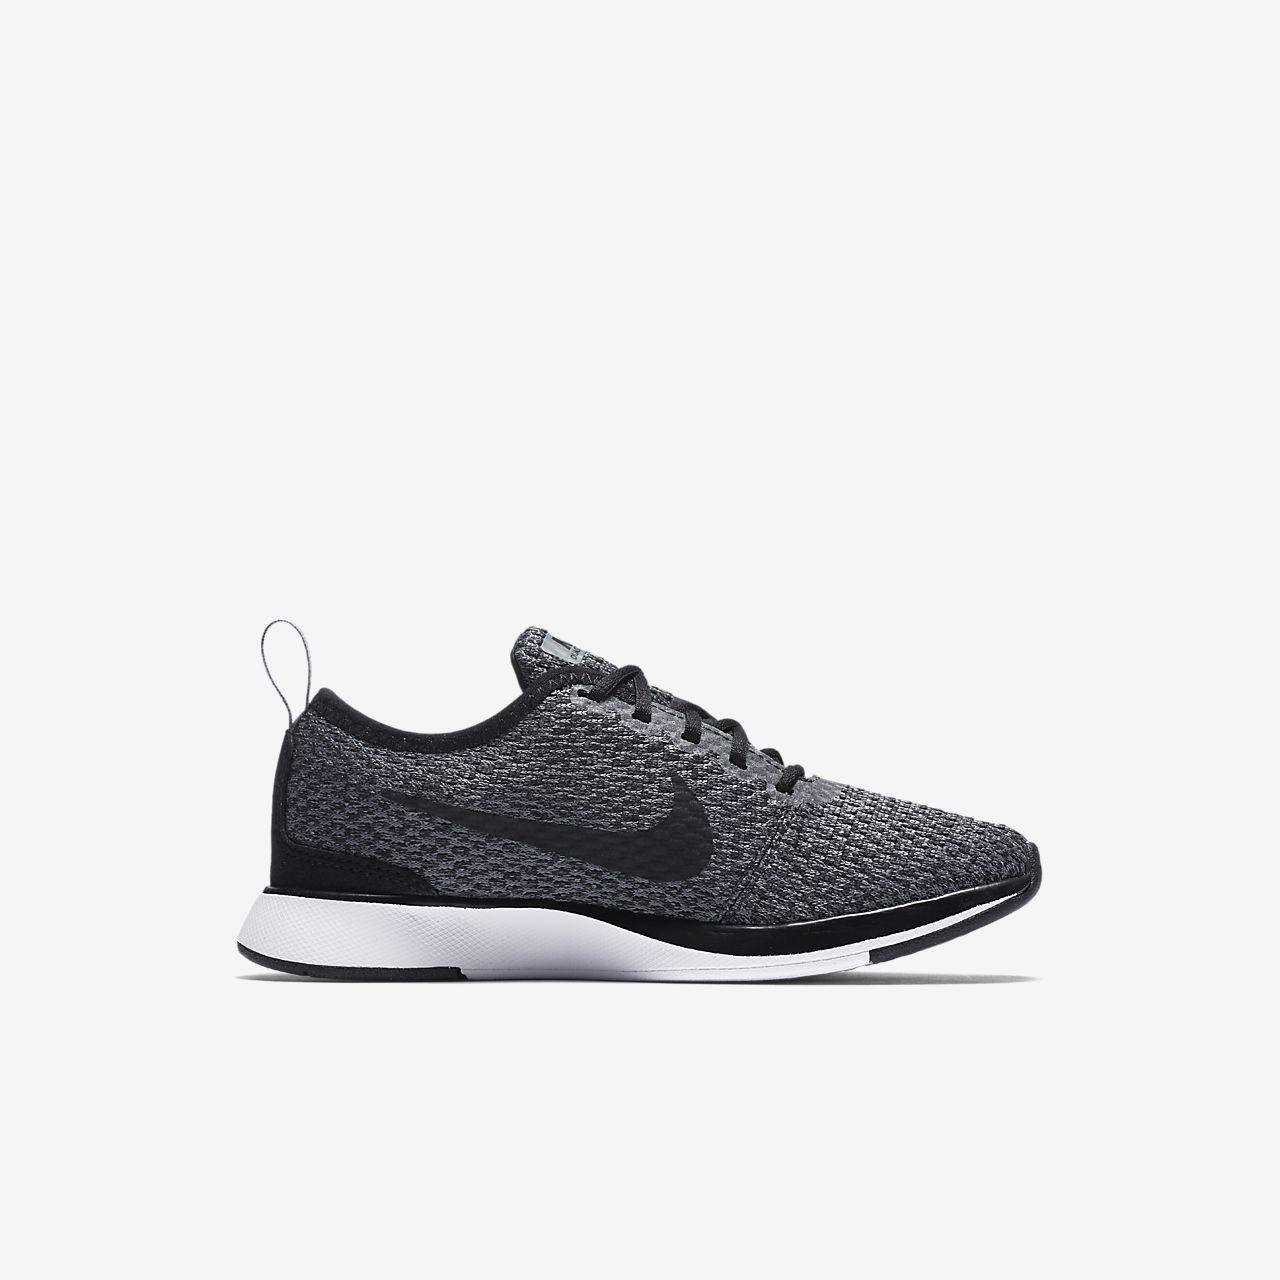 ... Nike Dualtone Racer SE Little Kids' Shoe